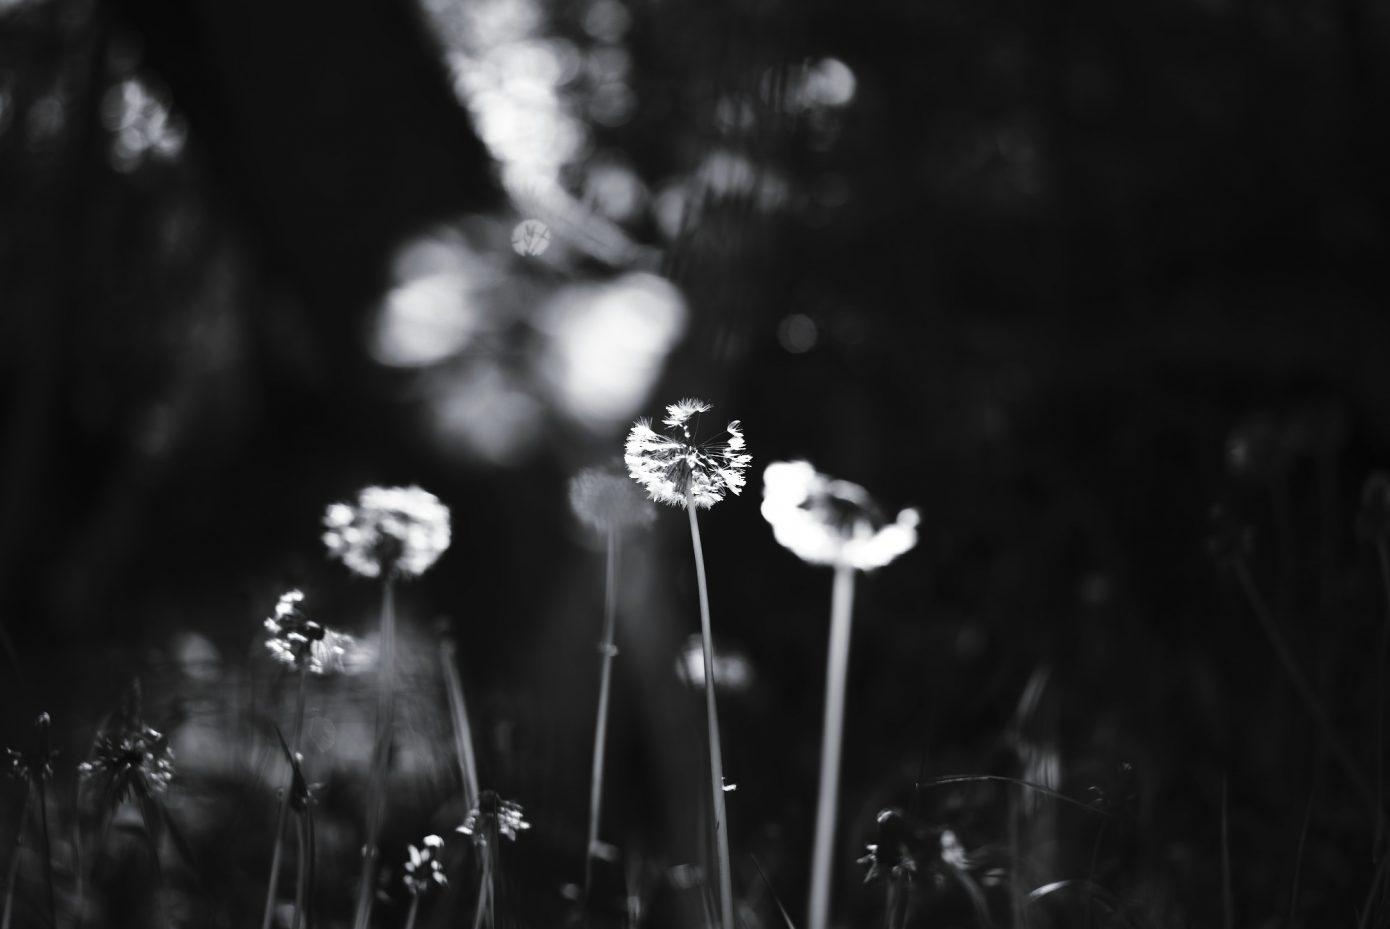 Blinding_Pre-Summer_Light.jpg